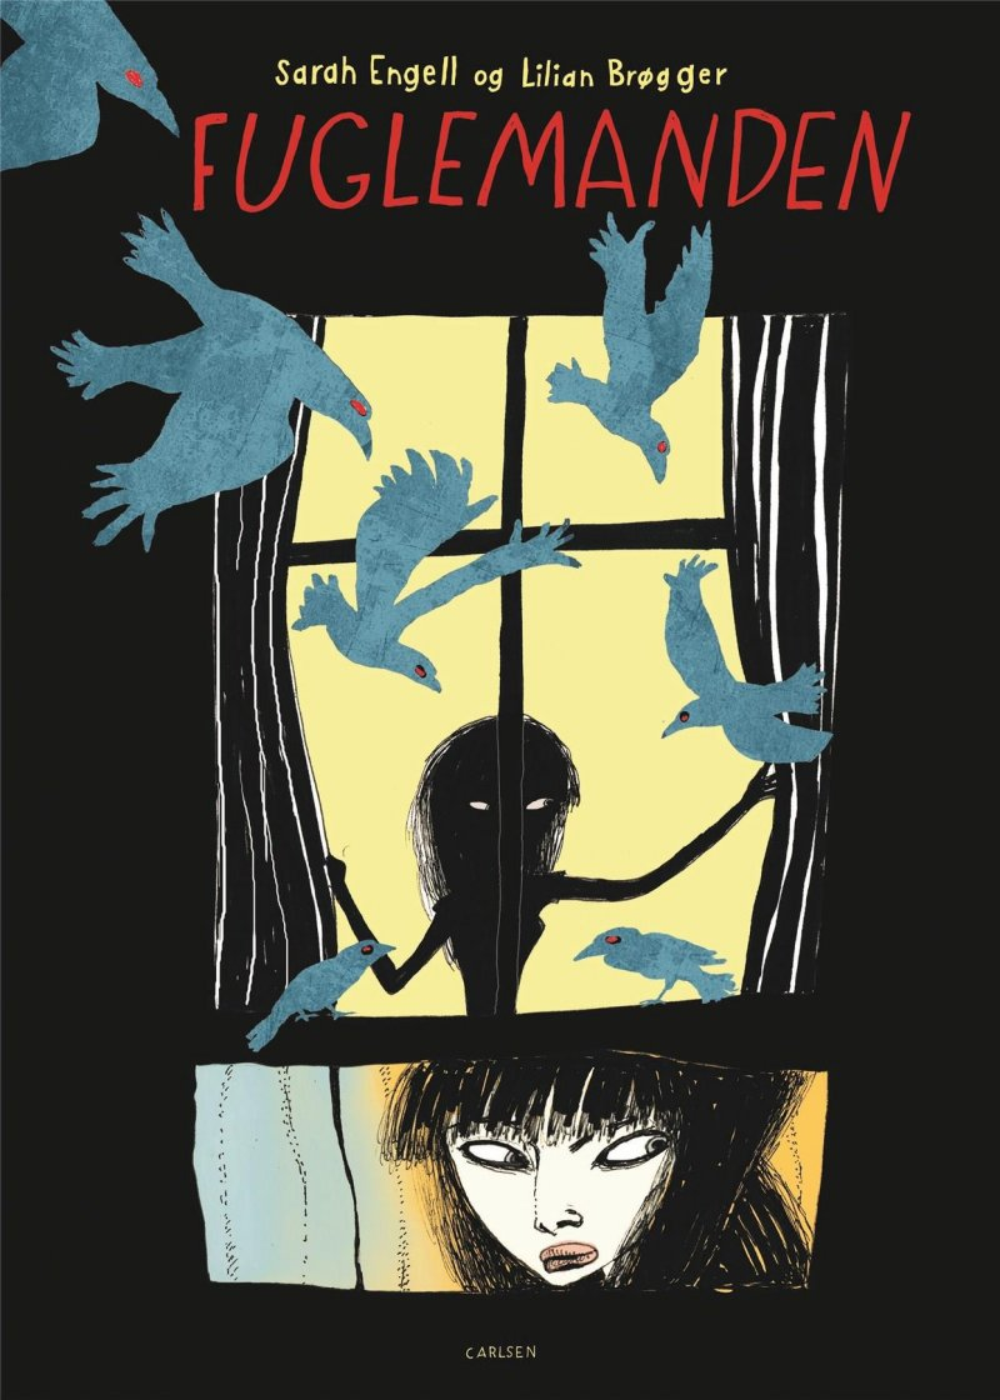 Billede af Fuglemanden - Sarah Engell - Tegneserie